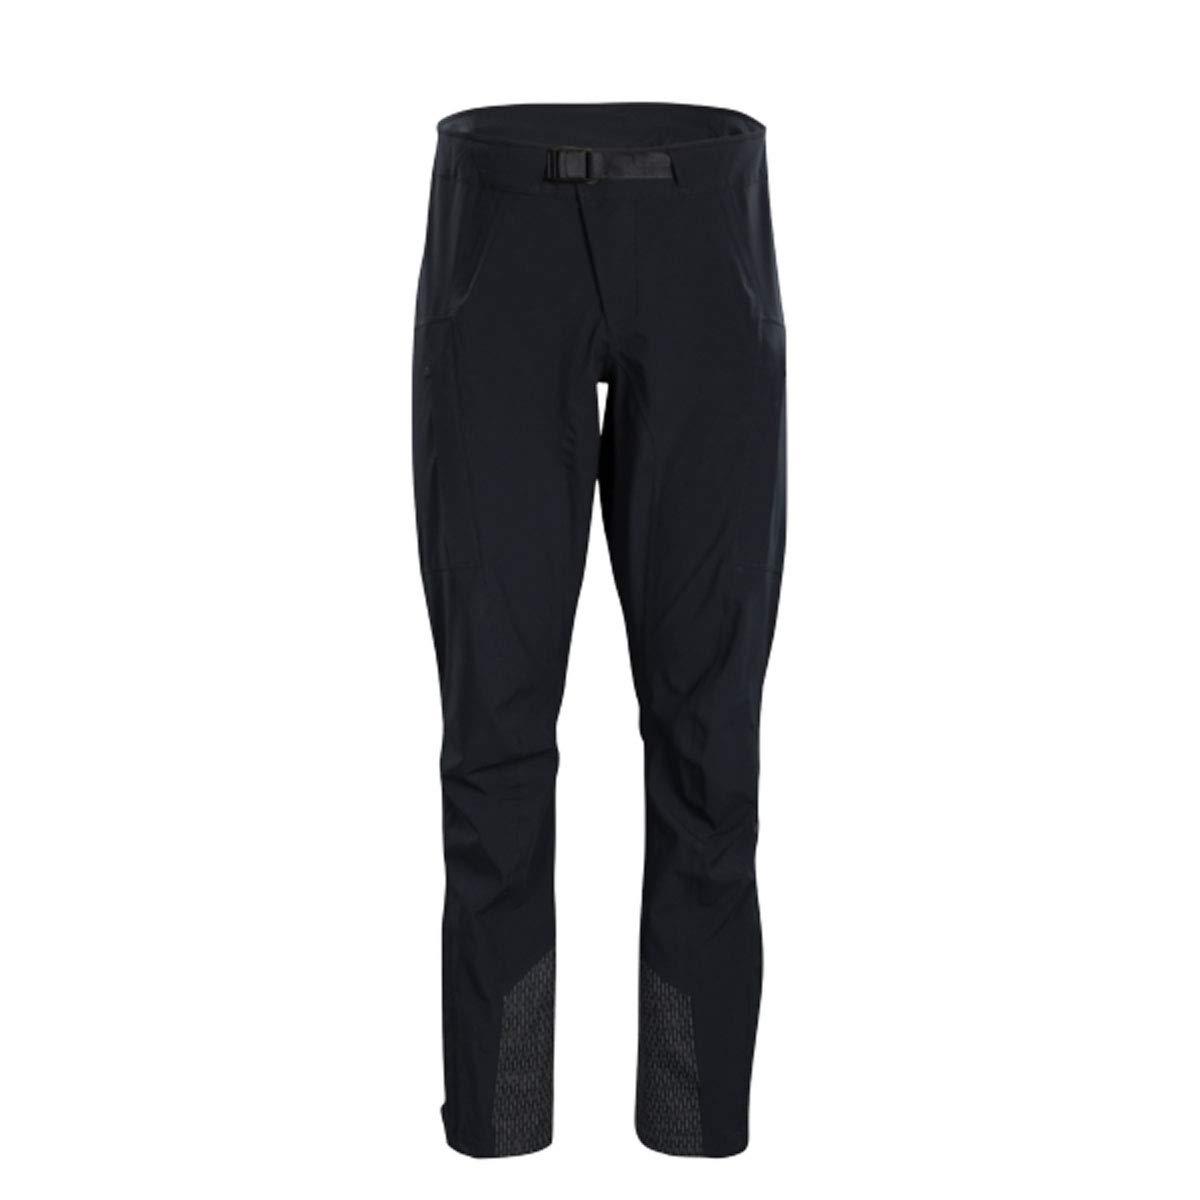 SUGOi レジスタントパンツ メンズ B07JMNMHTW Large|Black Zap Black Zap Large